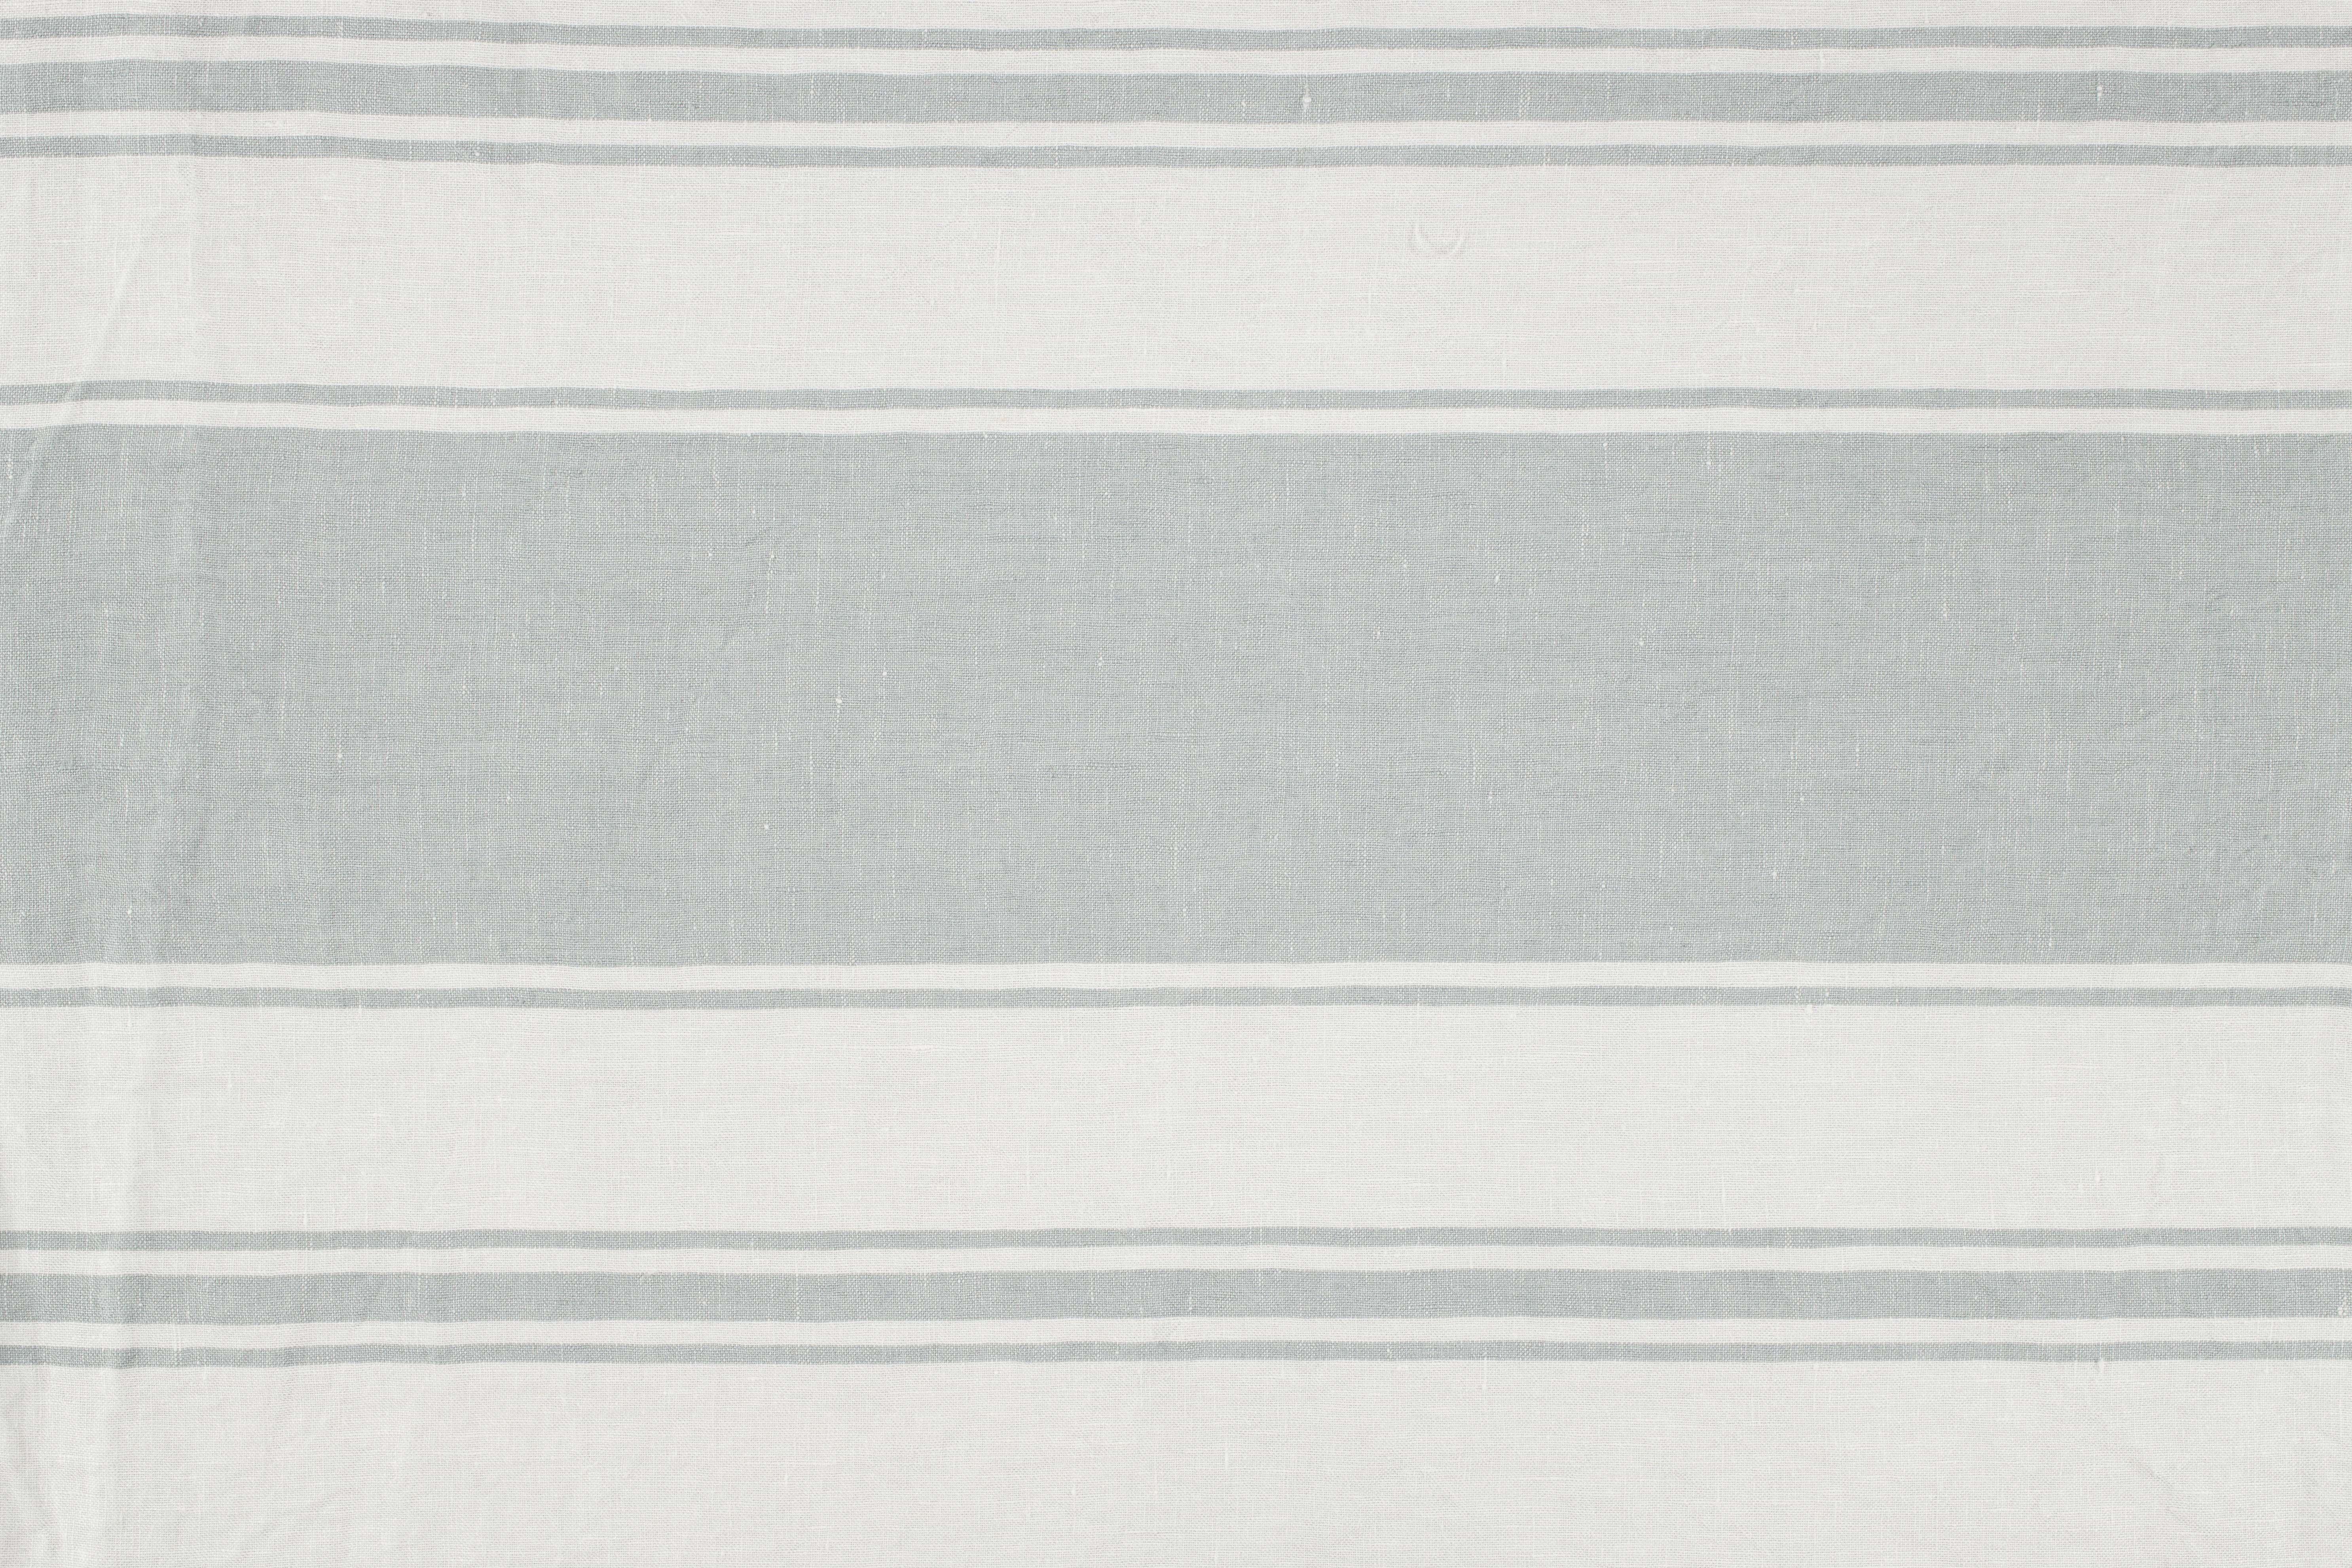 LAVENO BARRE' MACHE' Off White-Light Blue Striped